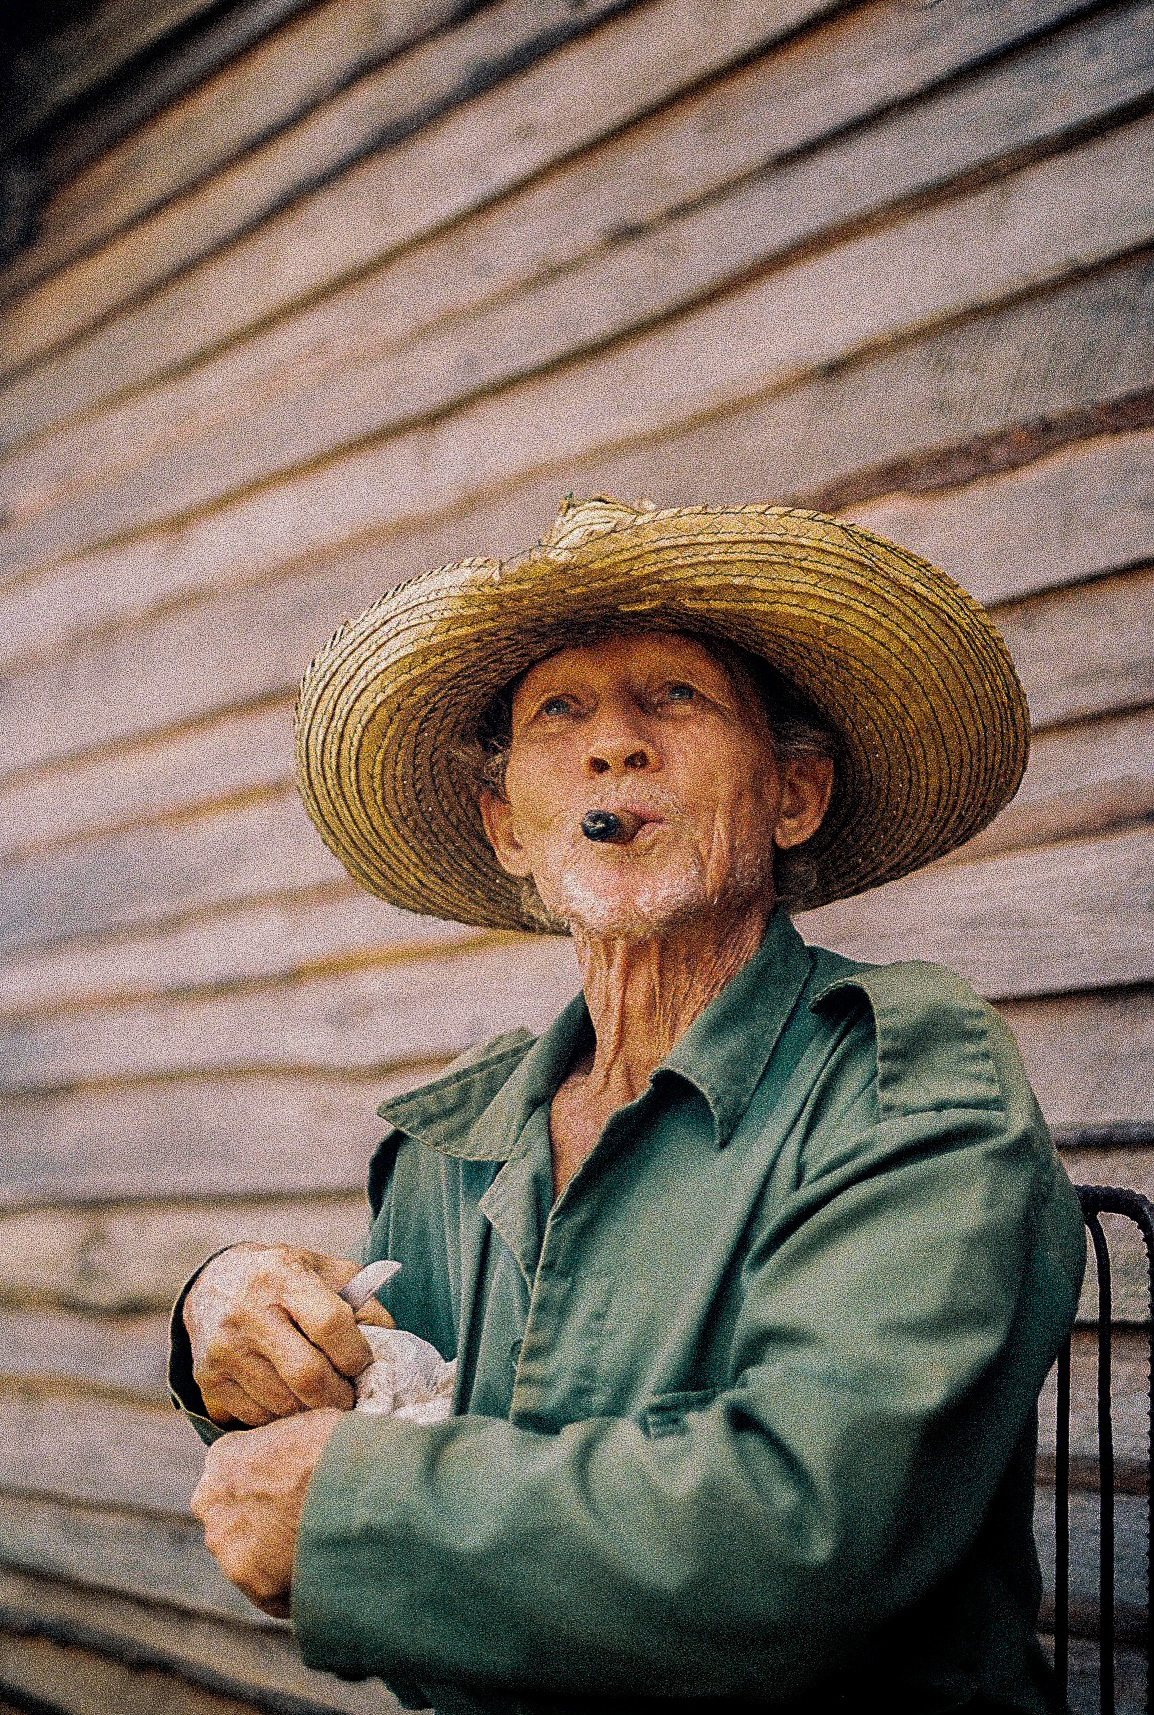 homme agé assis devant une mur de bois, portant un chapeau et fumant un cigare